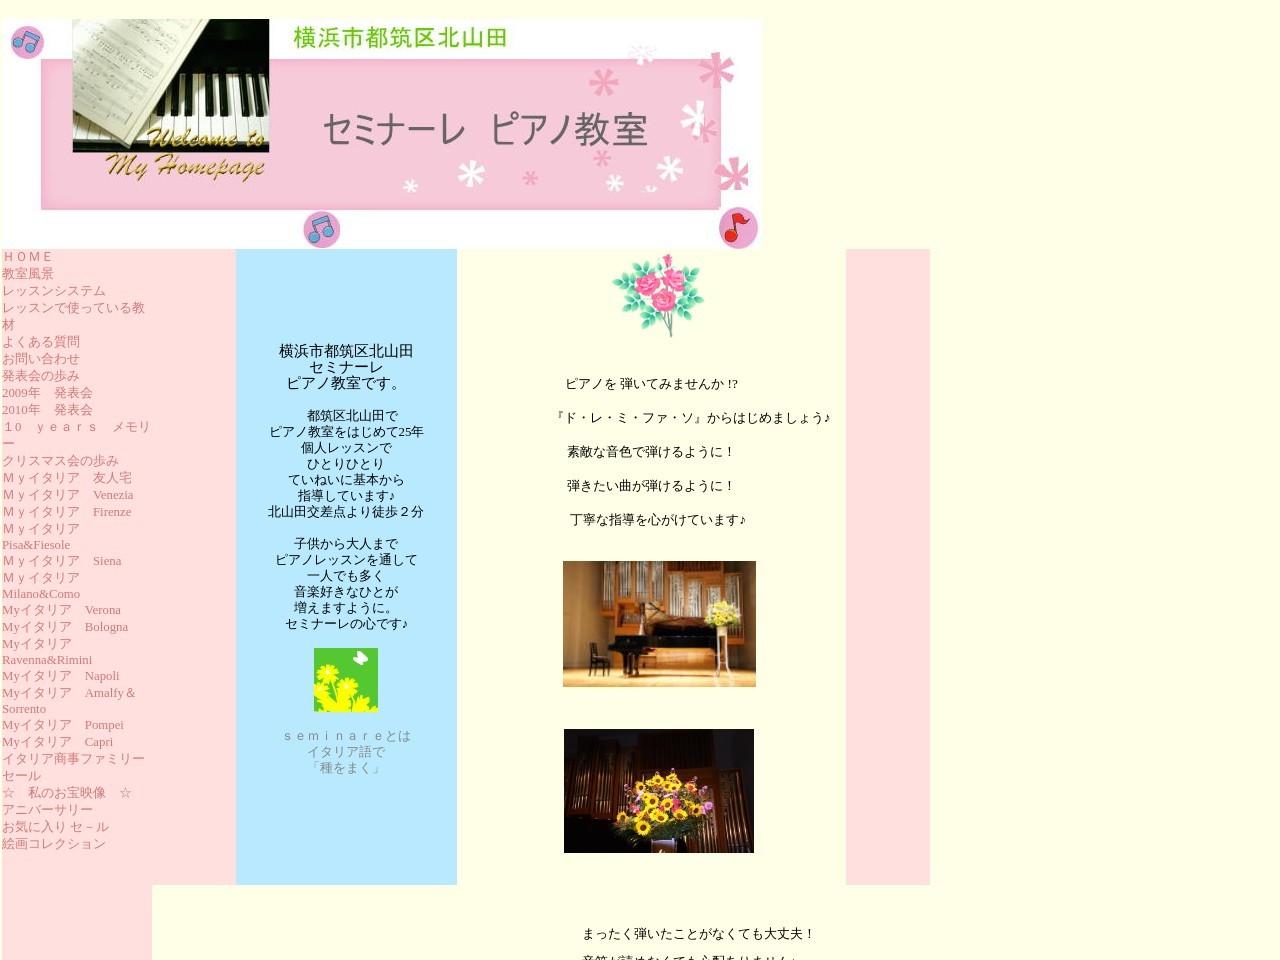 セミナーレピアノ教室のサムネイル